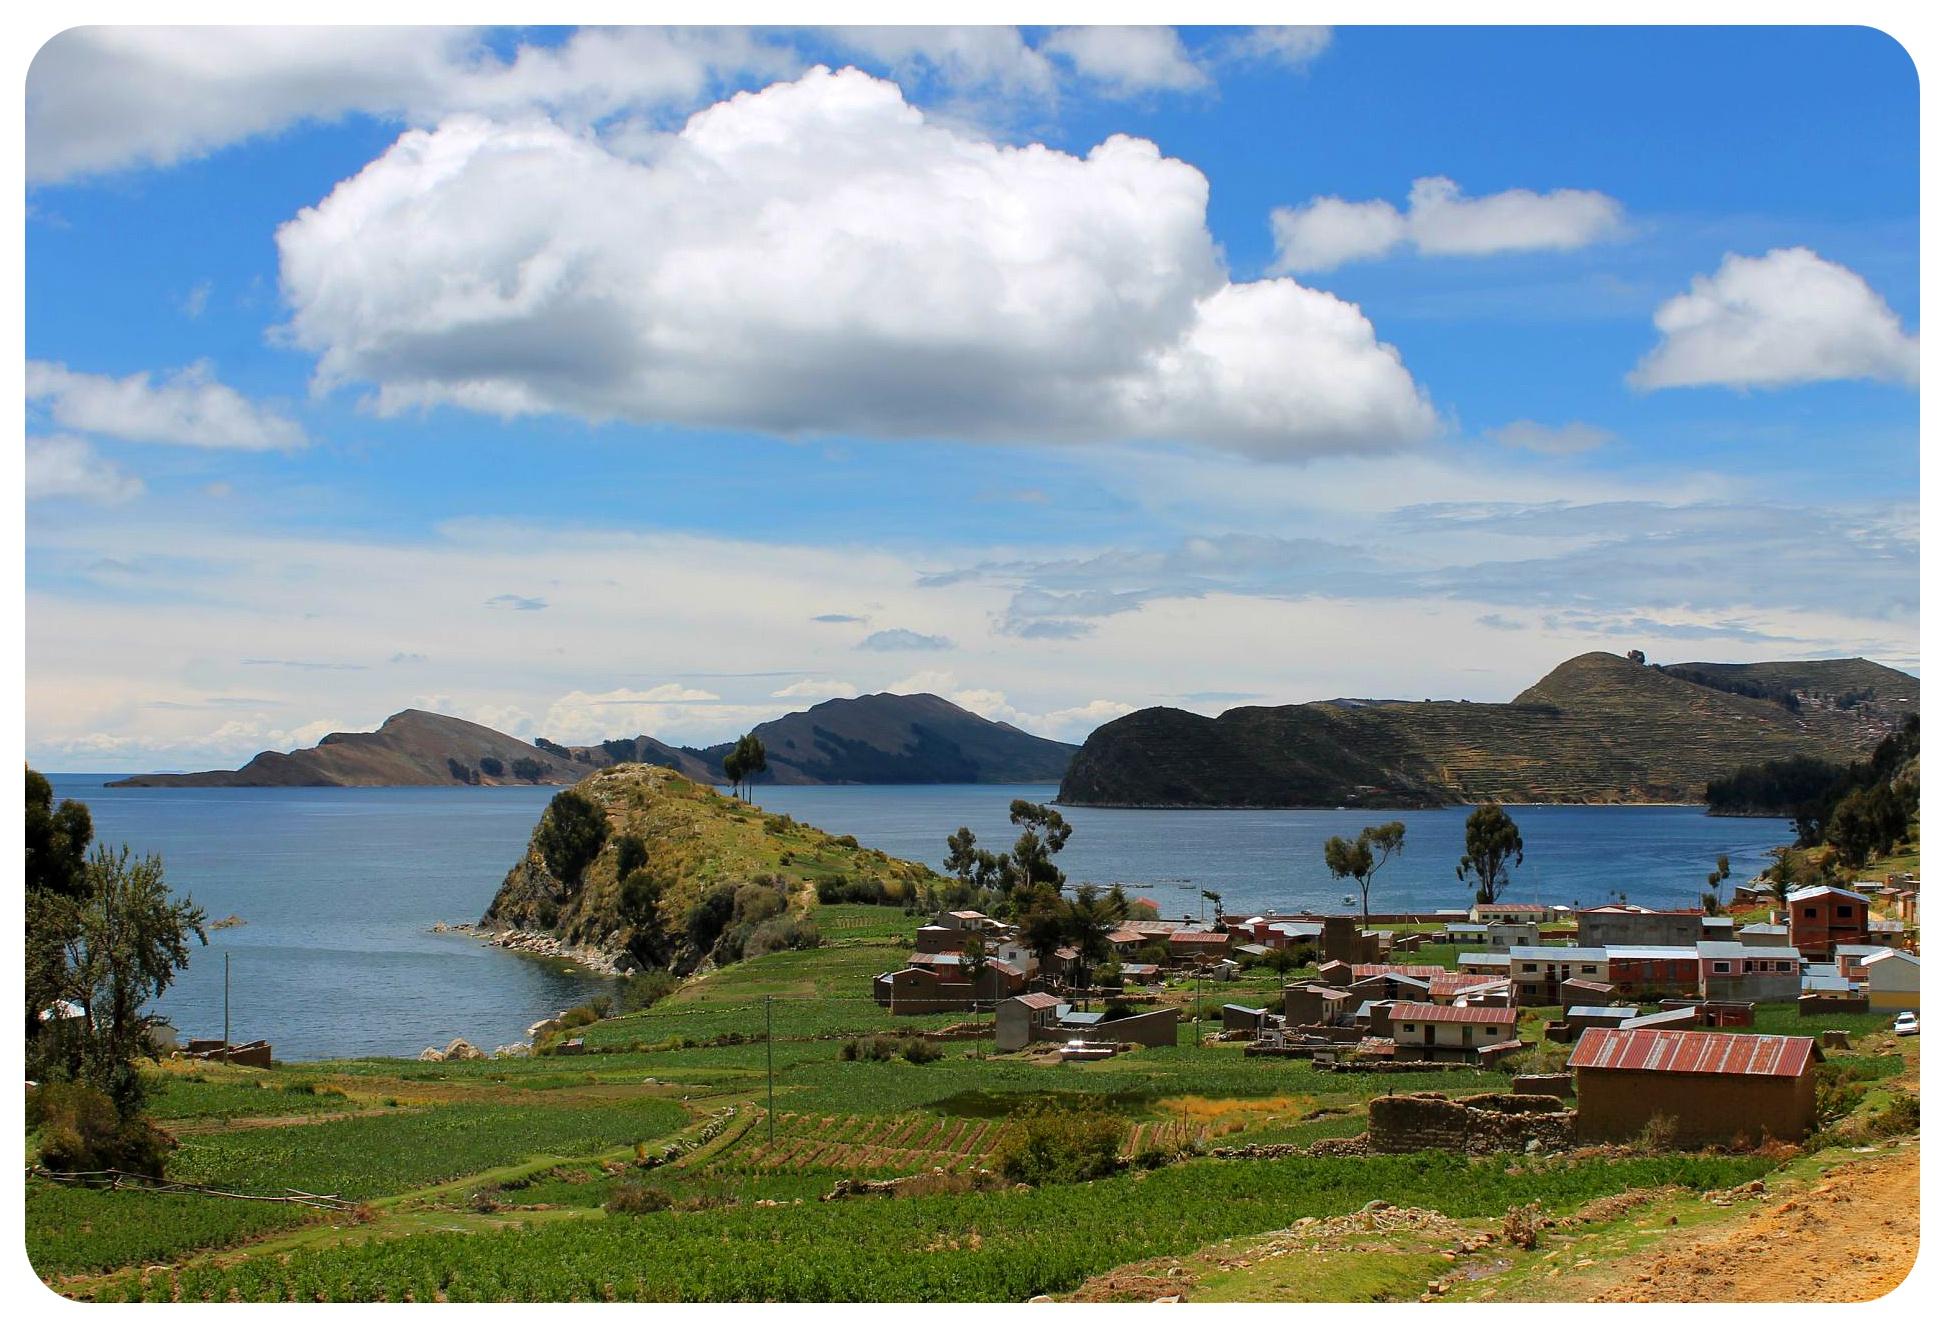 lake titicaca yampupata and isla del sol view